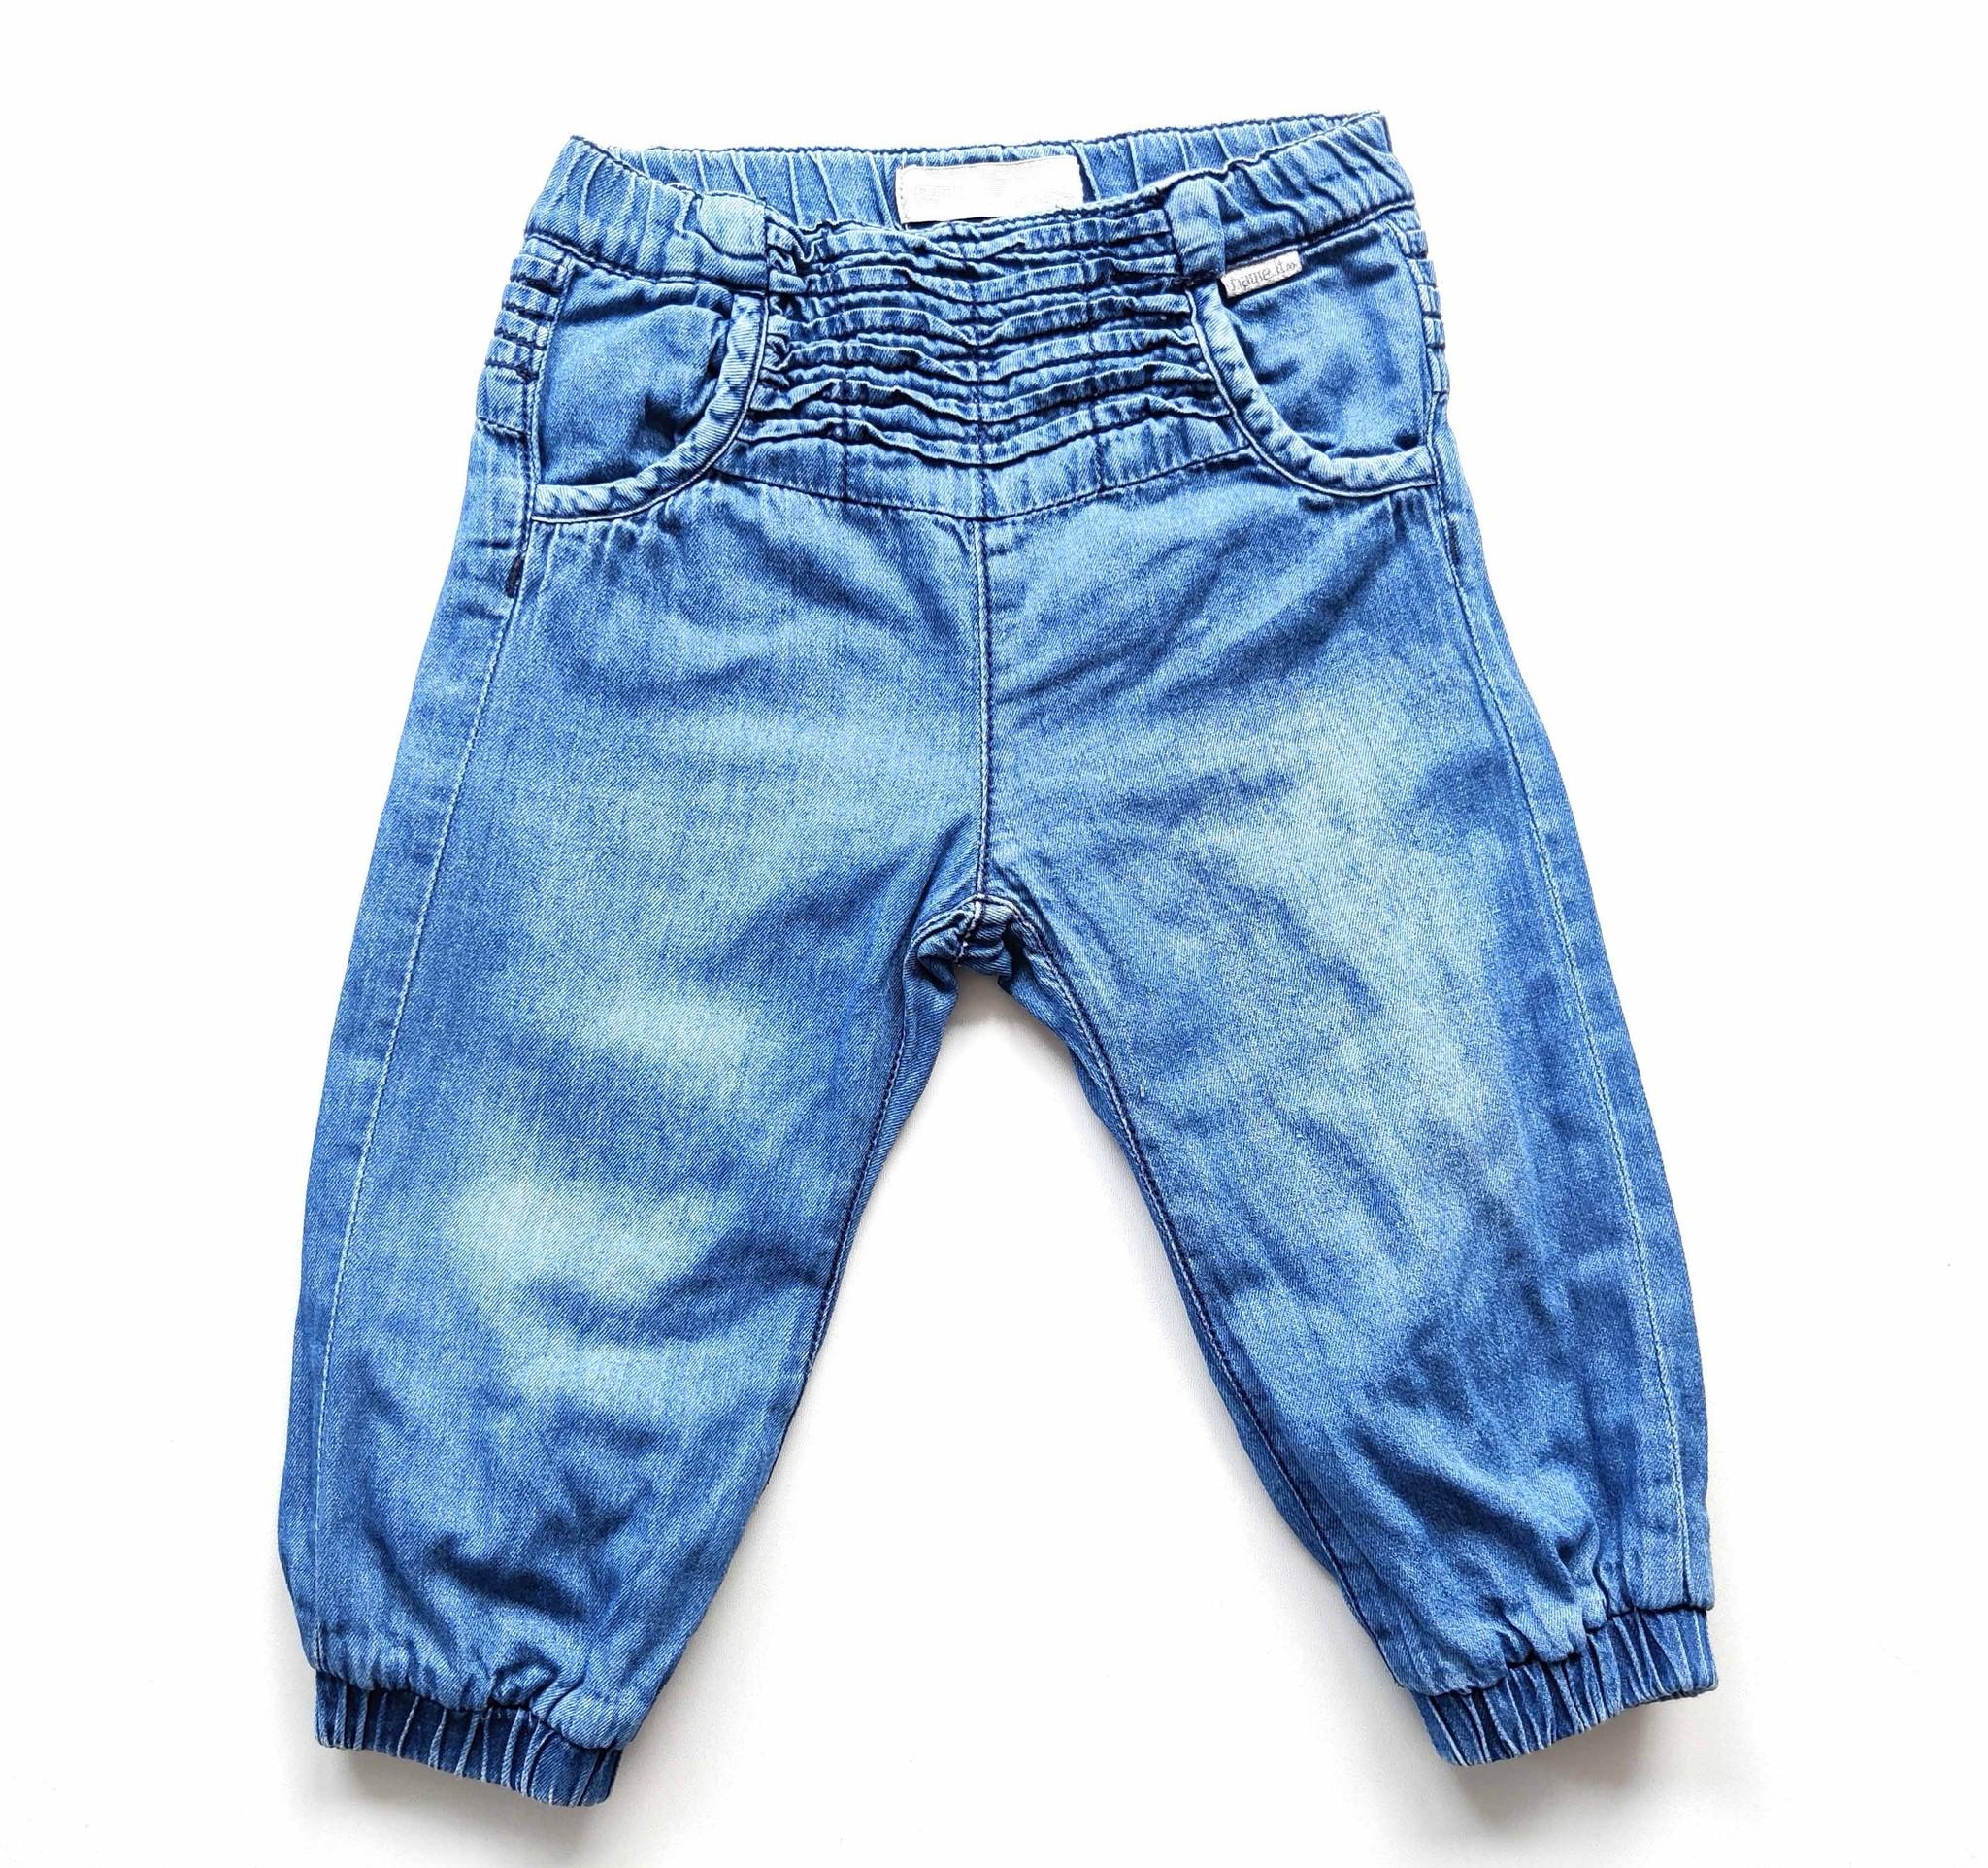 Jeans broek Name It, maat 74-1